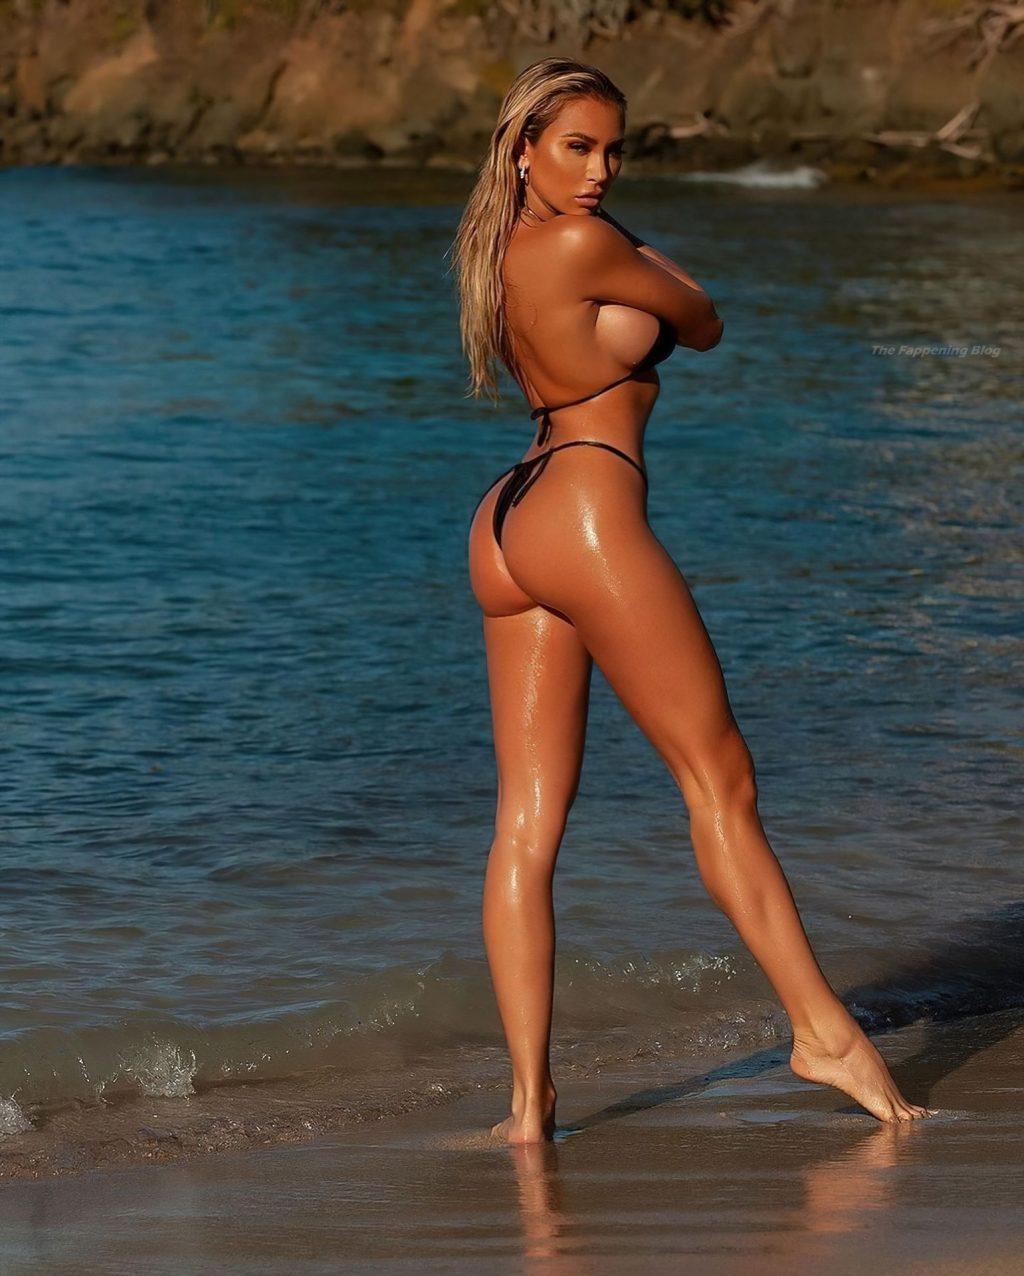 Khloe Terae Sexy (6 Photos)